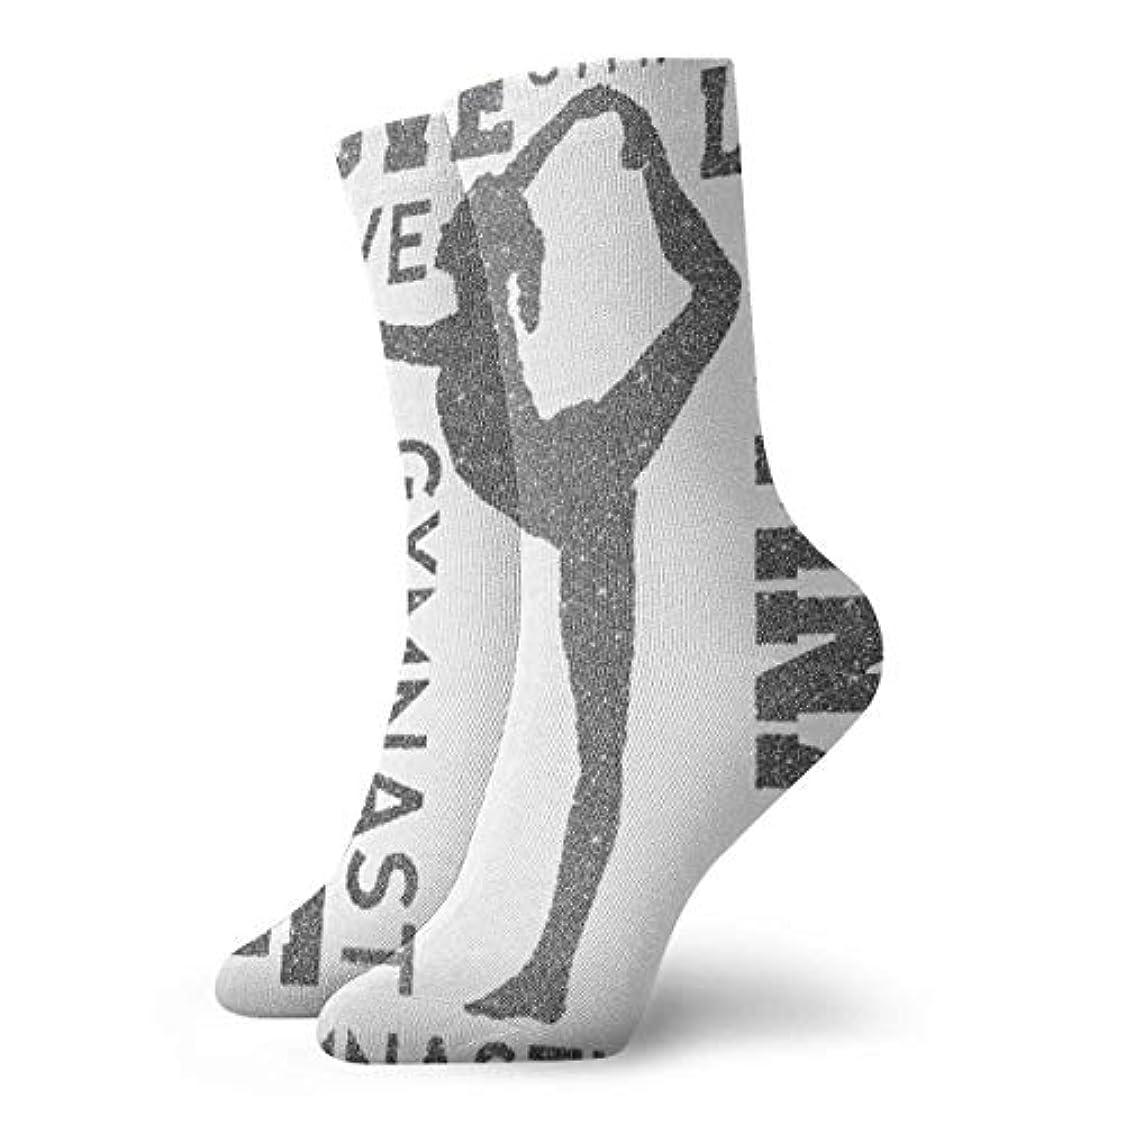 保全不良おなじみのQRRIYノベルティデザインクルーソックス、愛の体操体操、クリスマス休暇クレイジー楽しいカラフルなファンシーソックス、冬暖かいストレッチクルーソックス